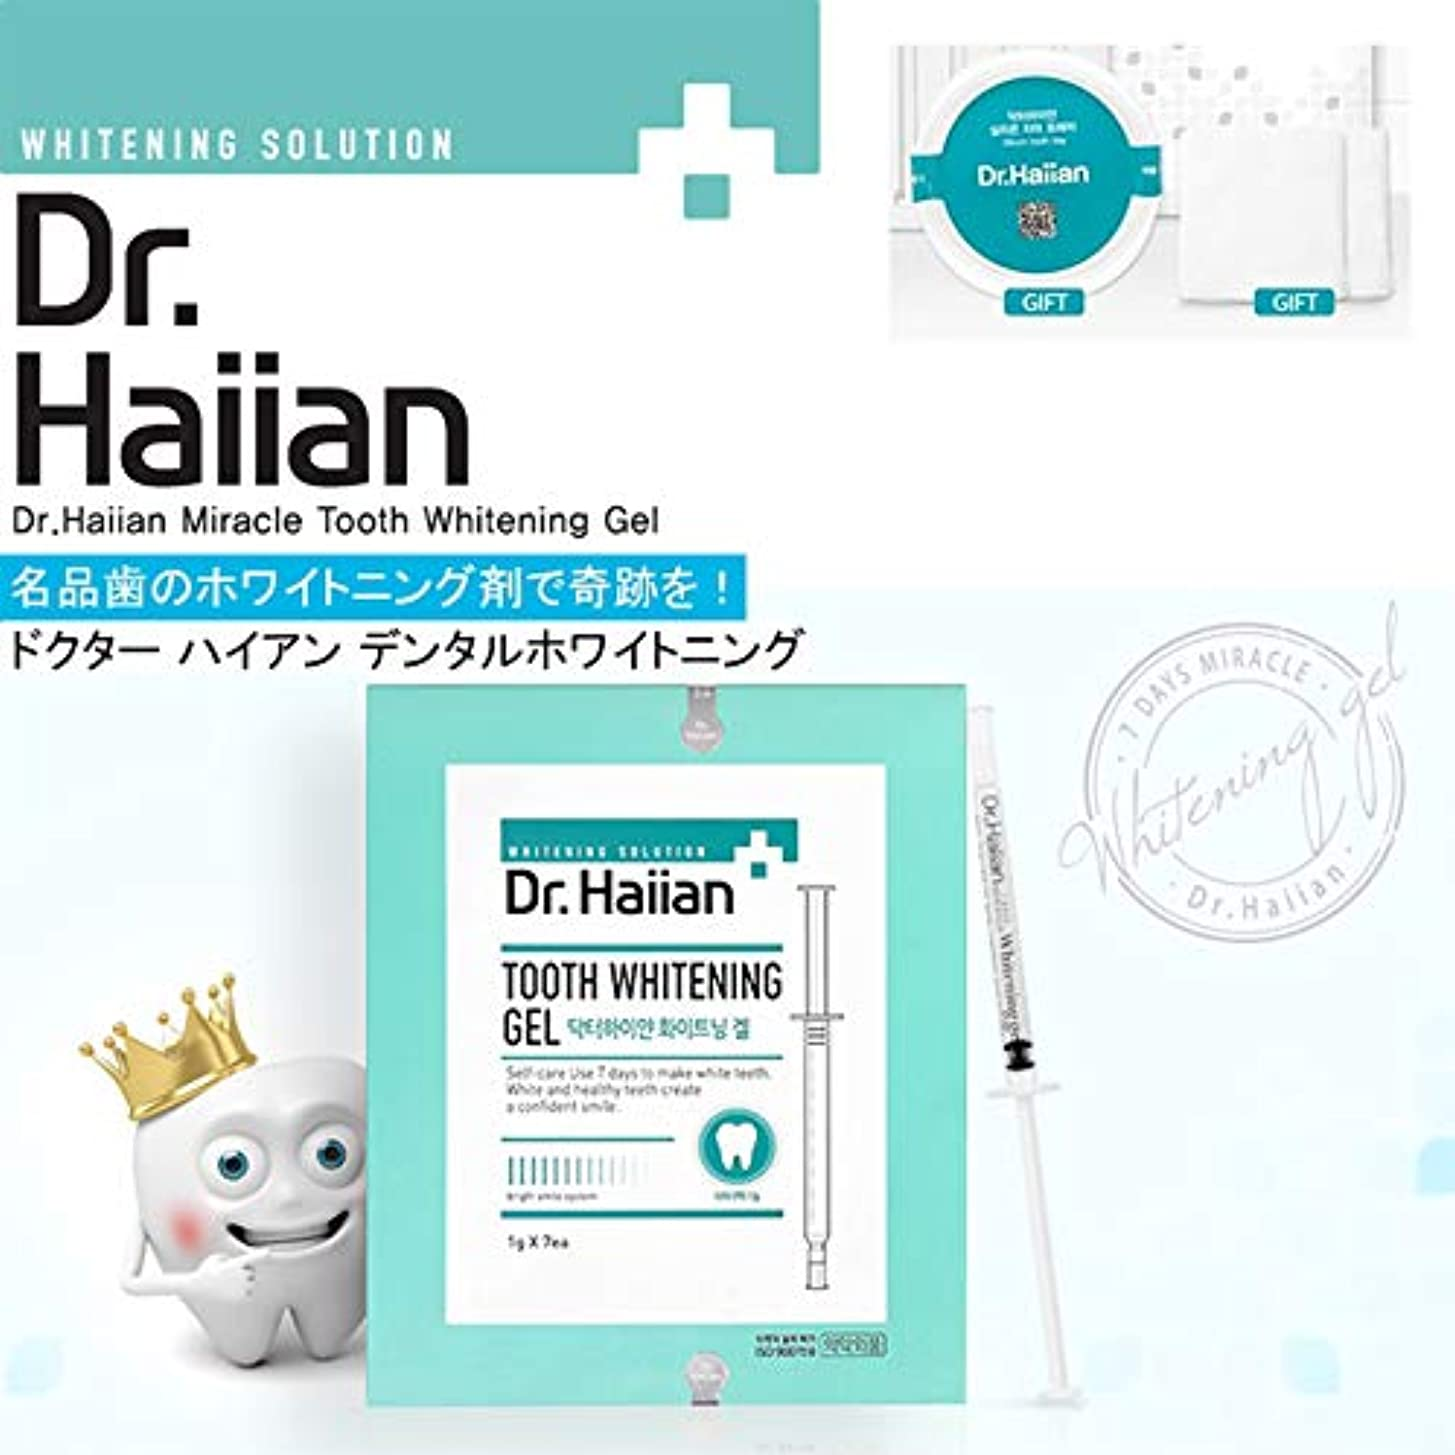 クリーナーさせるなので[SAMSUNG PHARM]Dr.Haiian 7Days Miracle/7日間の奇跡 [SAMSUNG PHARM]白い歯を管理するための/使ったら歯が白くなる!/Self-Teeth Whitening Agent...